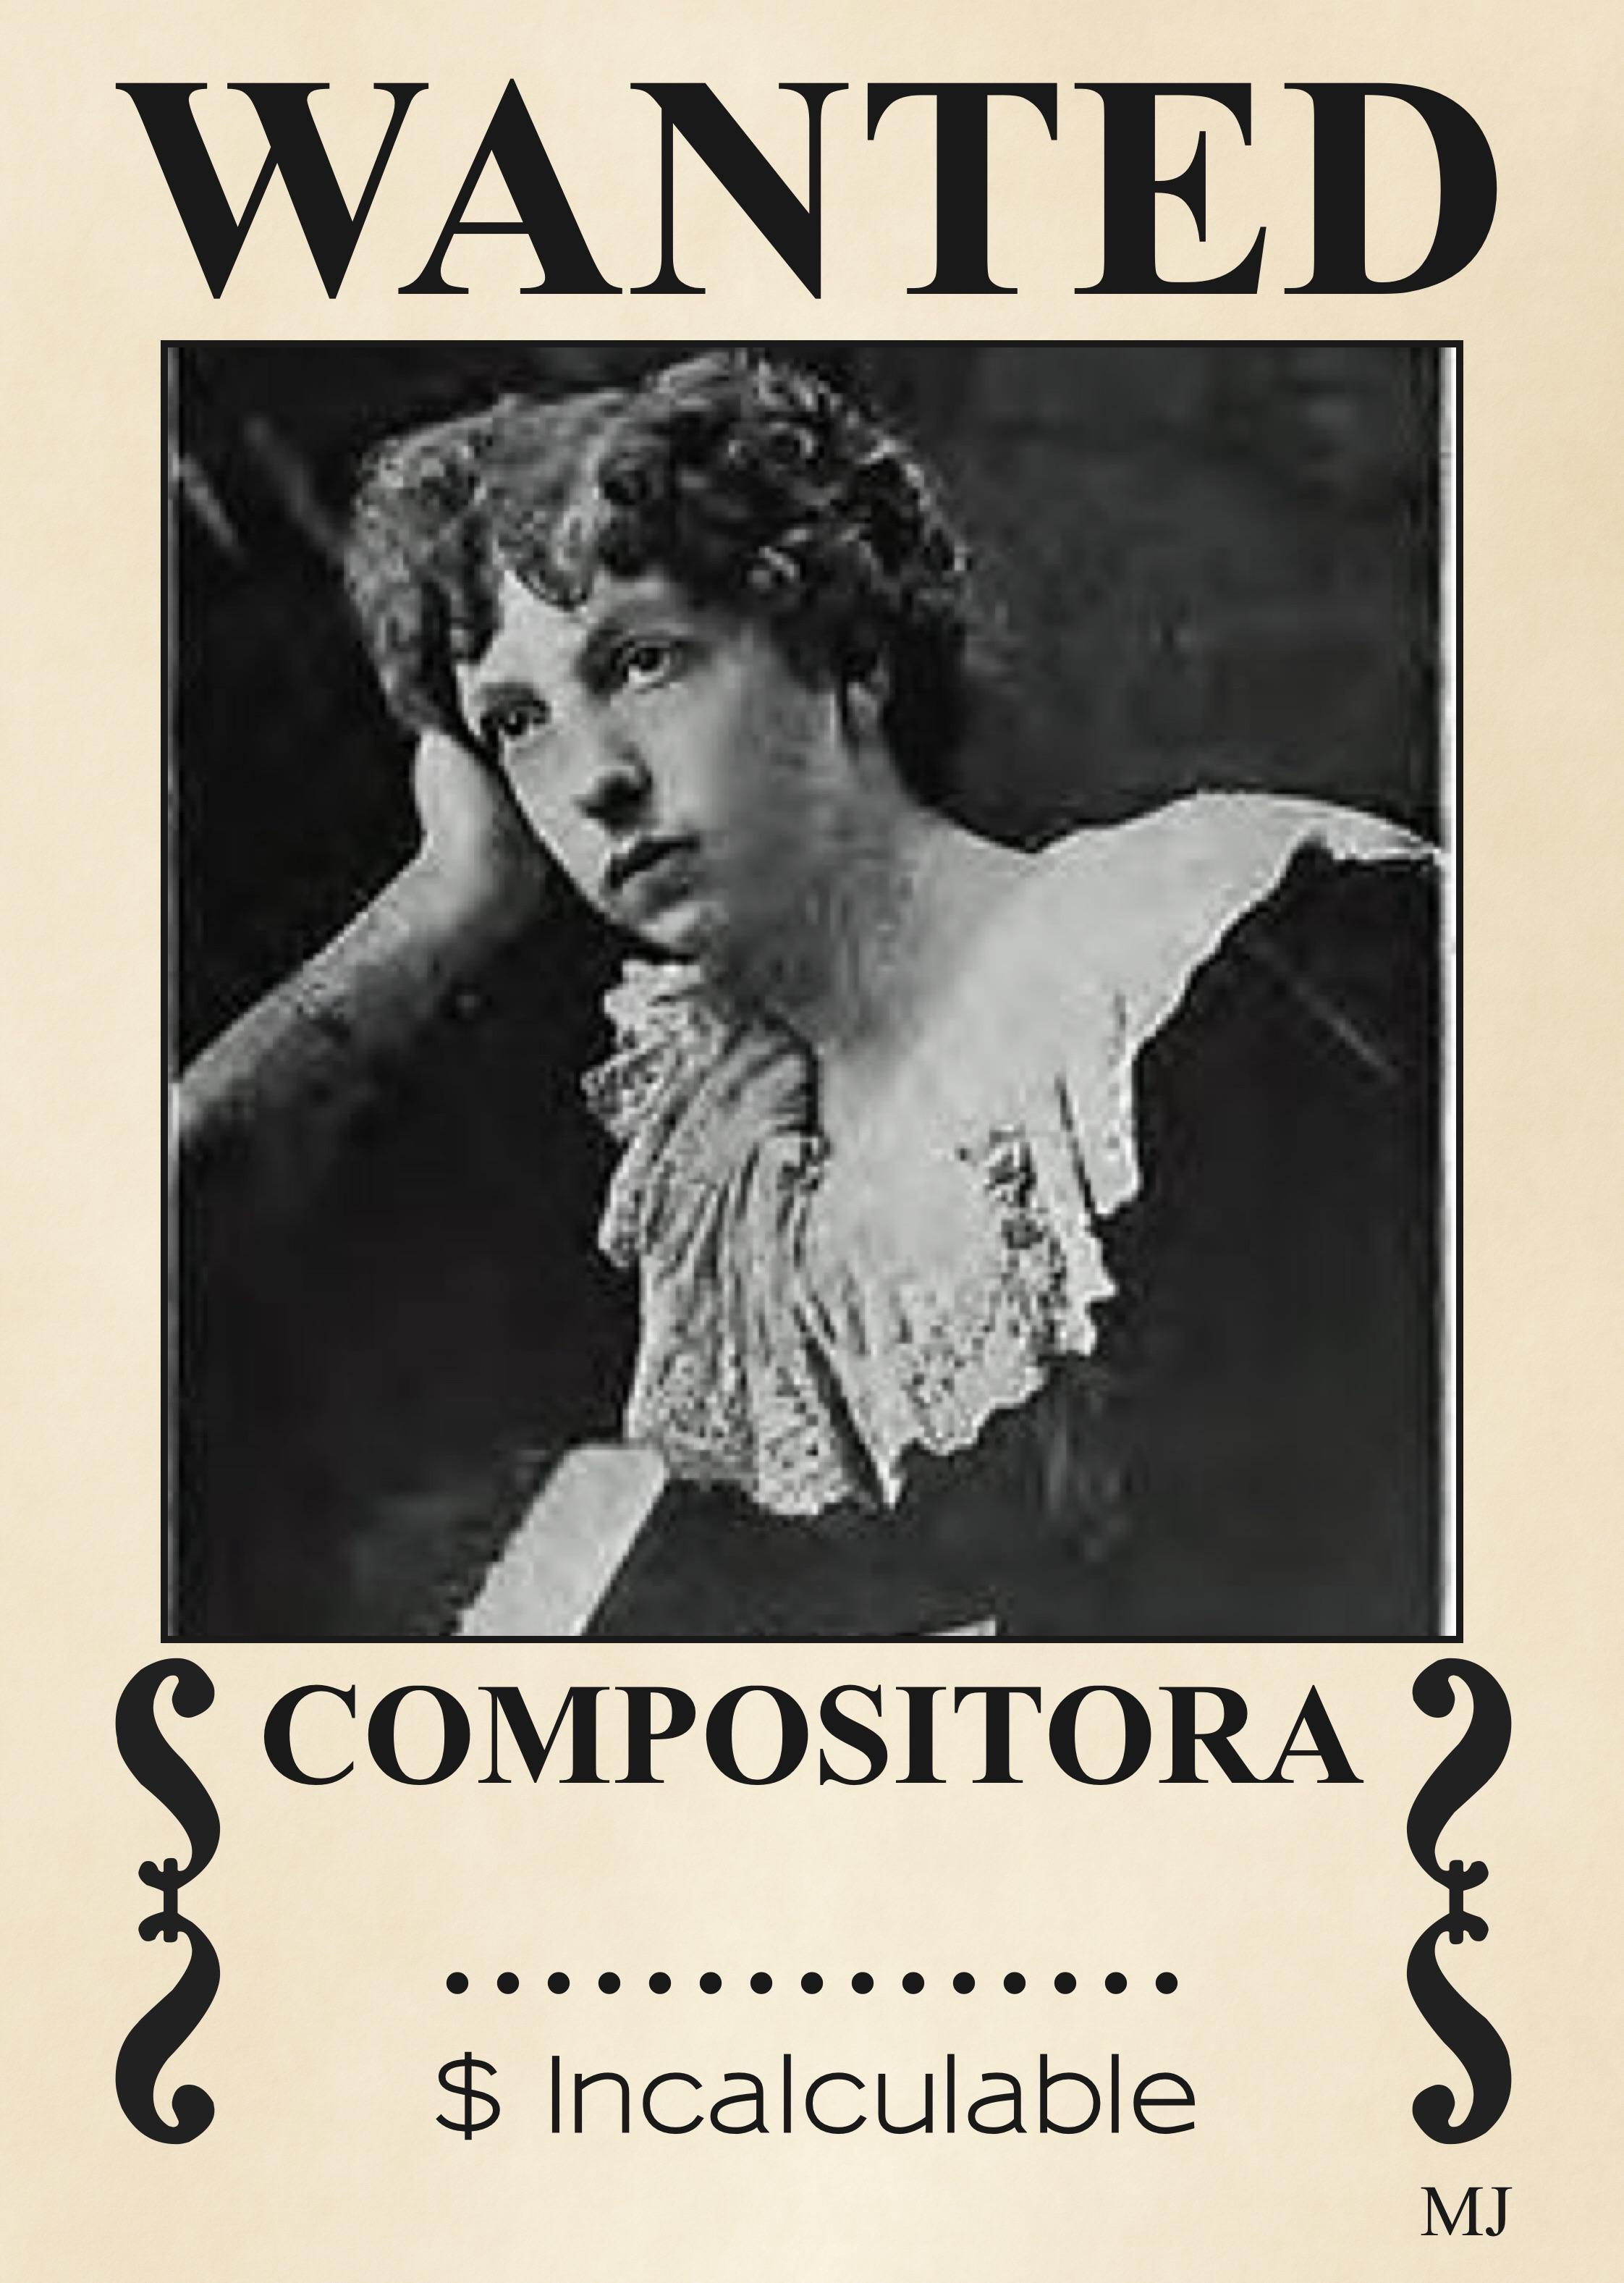 compositora16